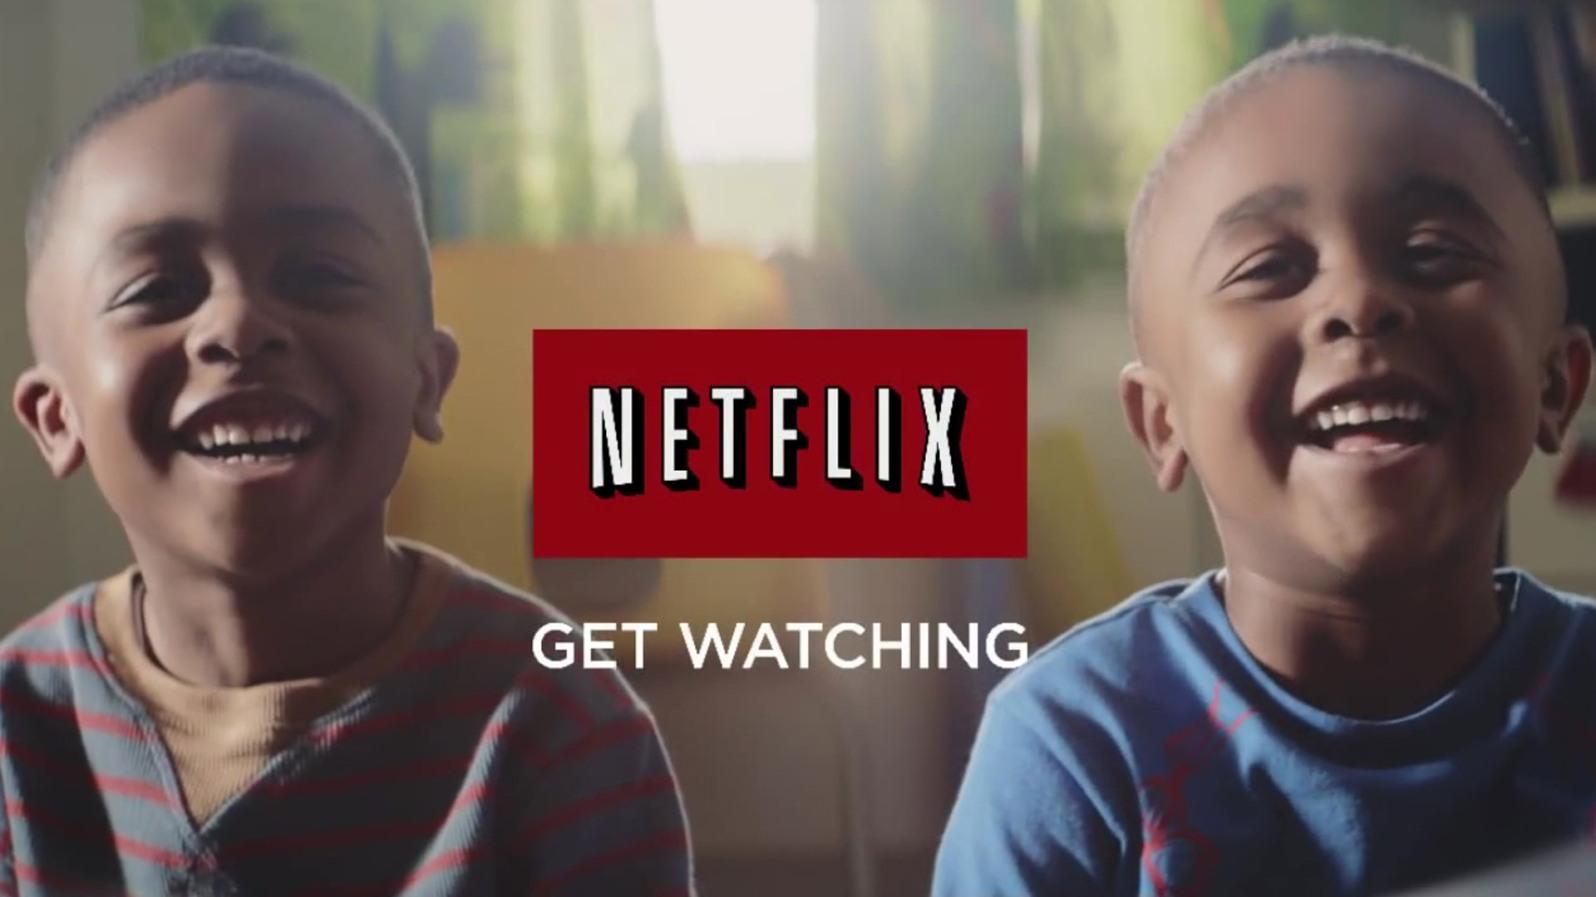 sc-netflix-get-watching-3